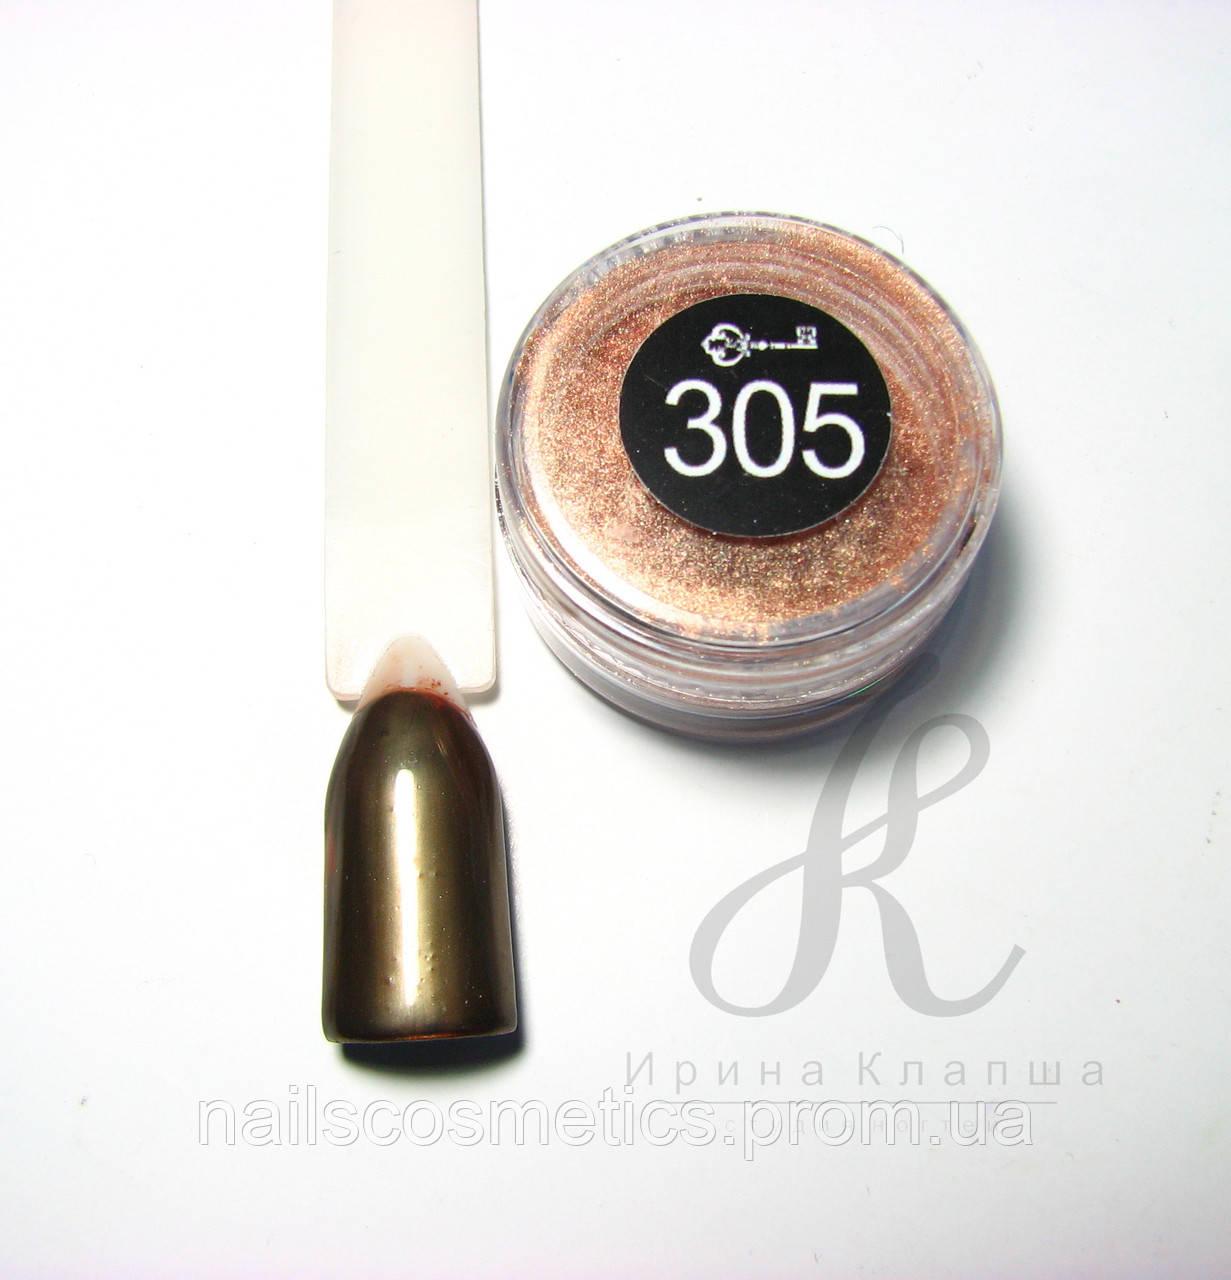 305- блестящий пигмент